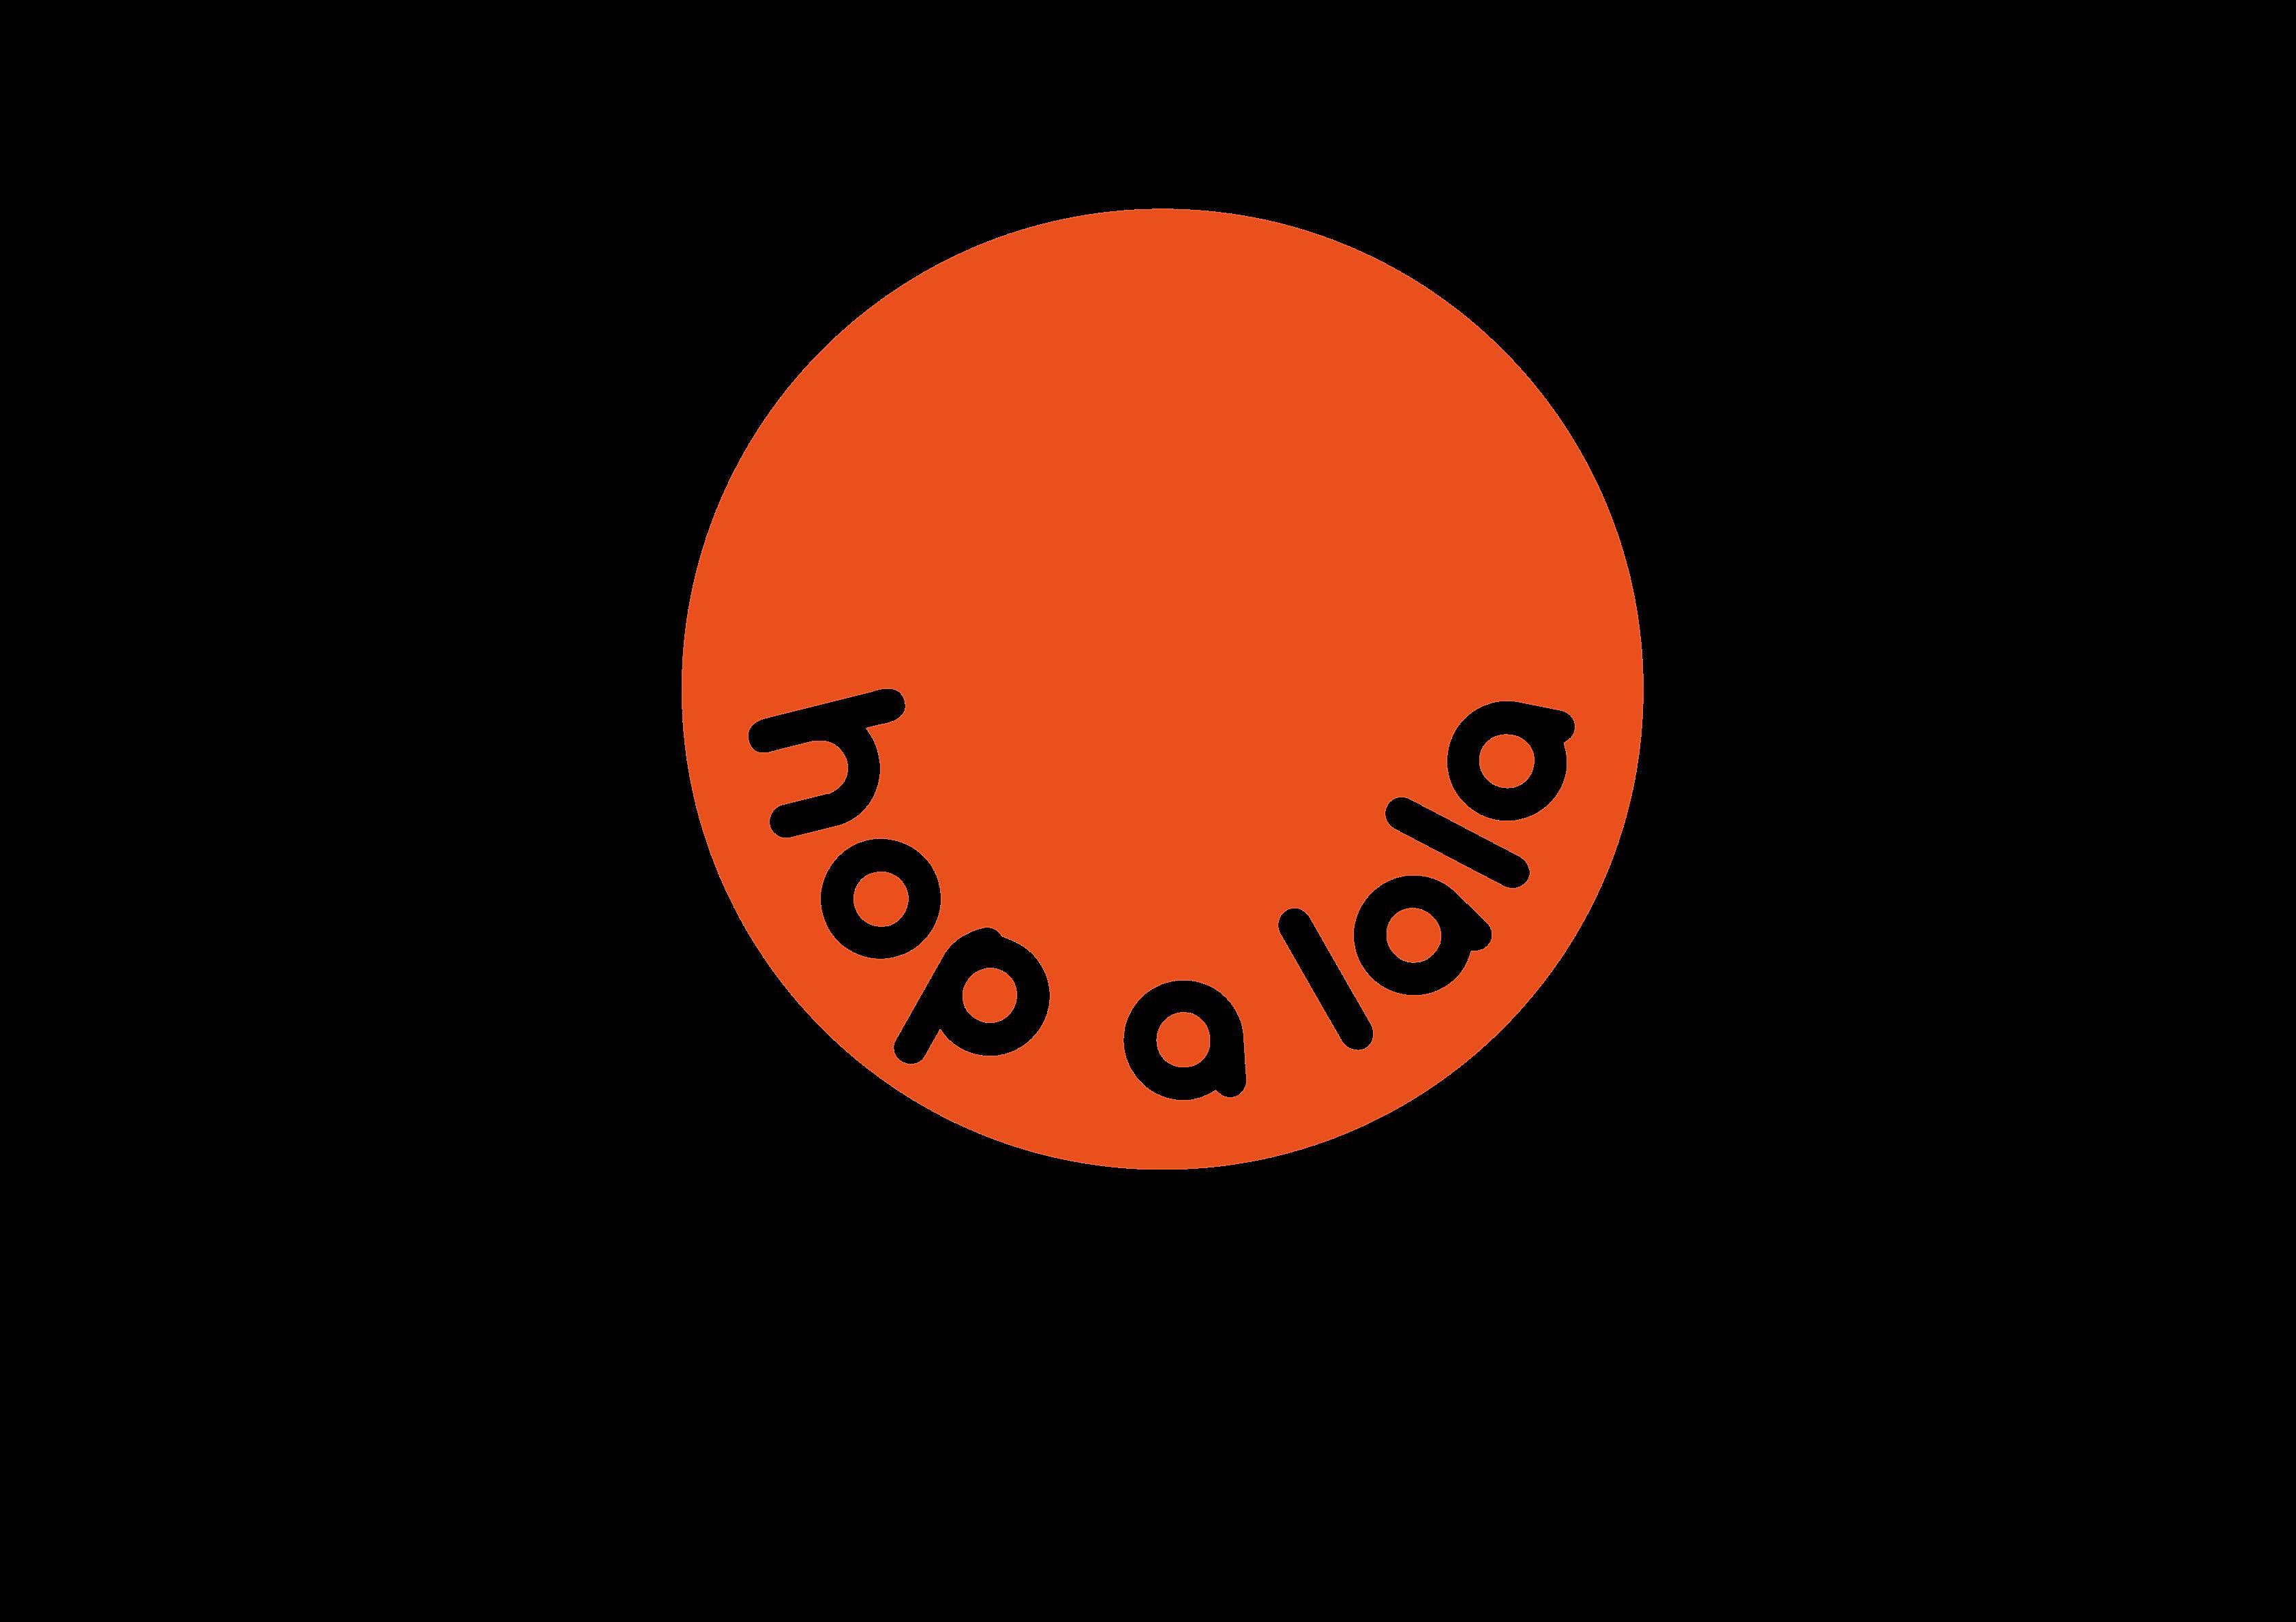 Hopalala